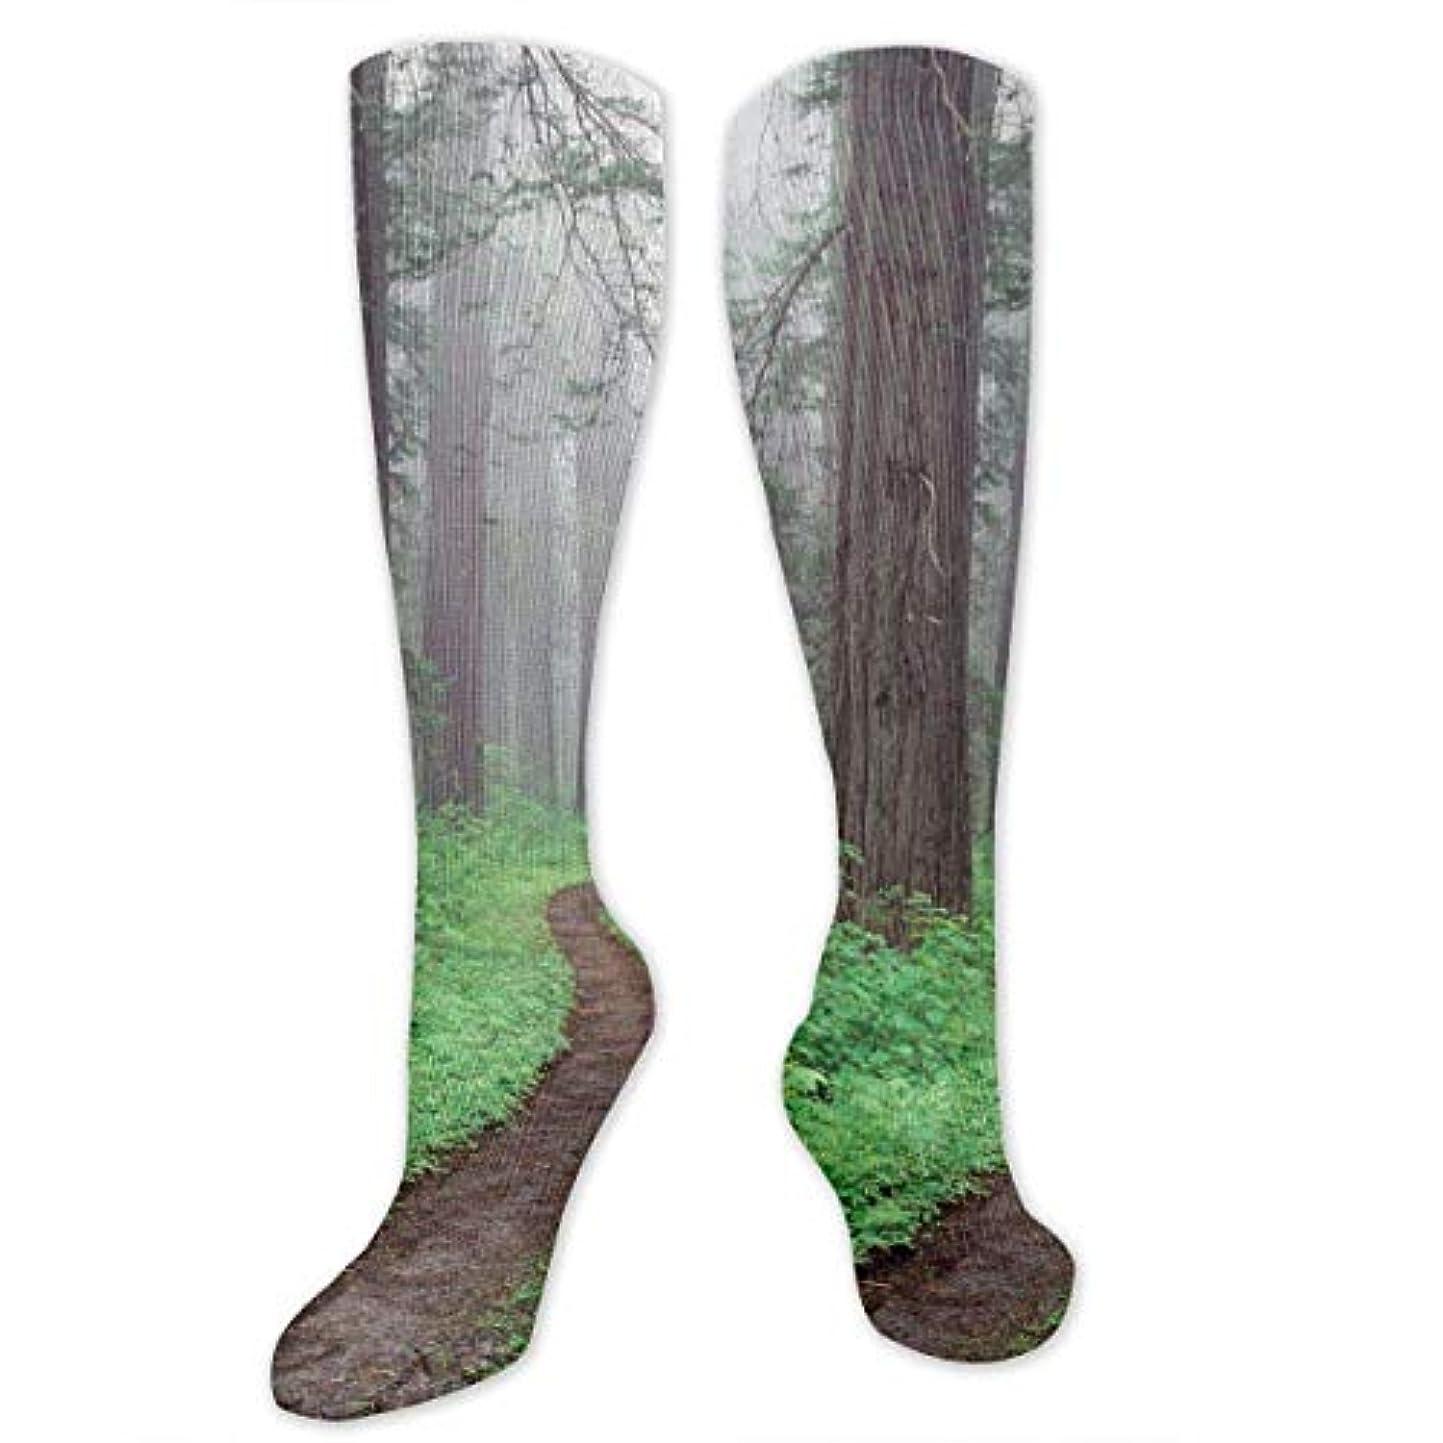 計器敬の念として靴下,ストッキング,野生のジョーカー,実際,秋の本質,冬必須,サマーウェア&RBXAA Redwood National Park California Socks Women's Winter Cotton Long...